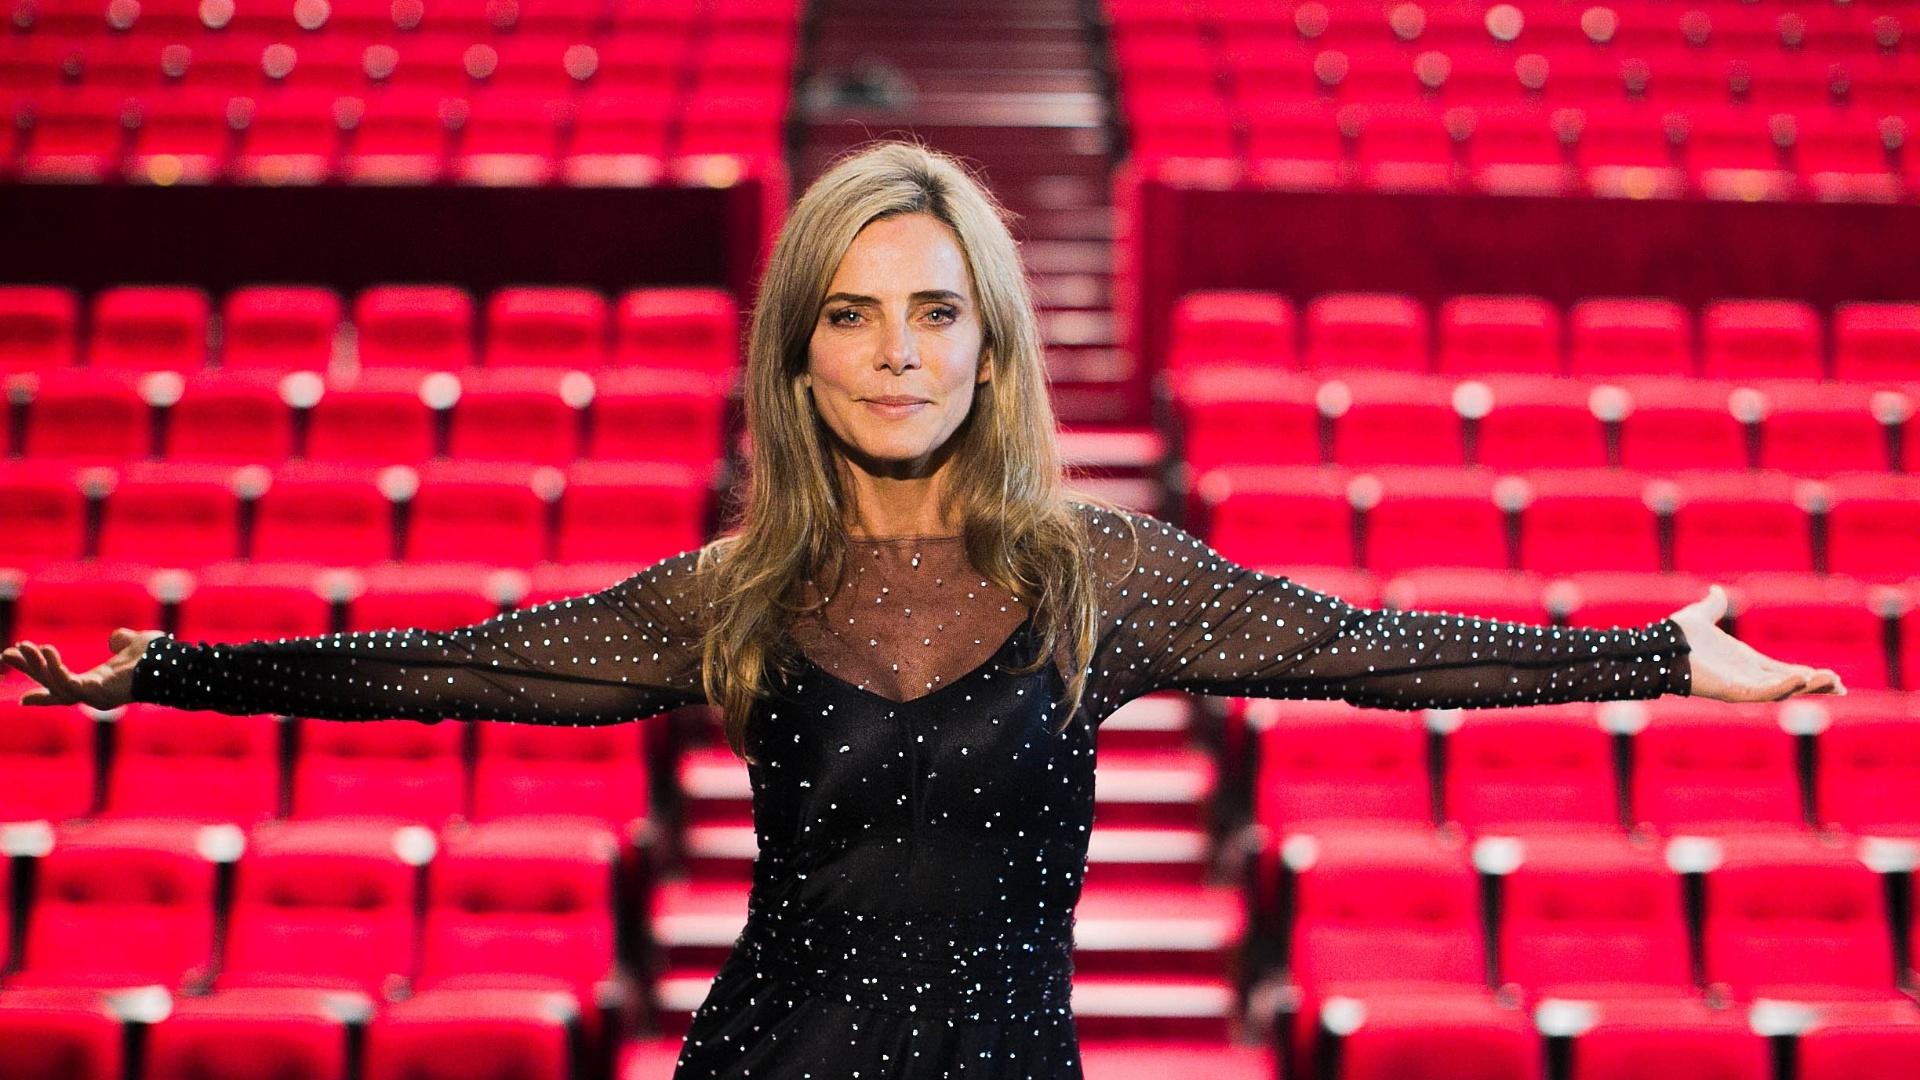 04.jul.2013 - Bruna Lombardi posa para fotos durante gravação do filme